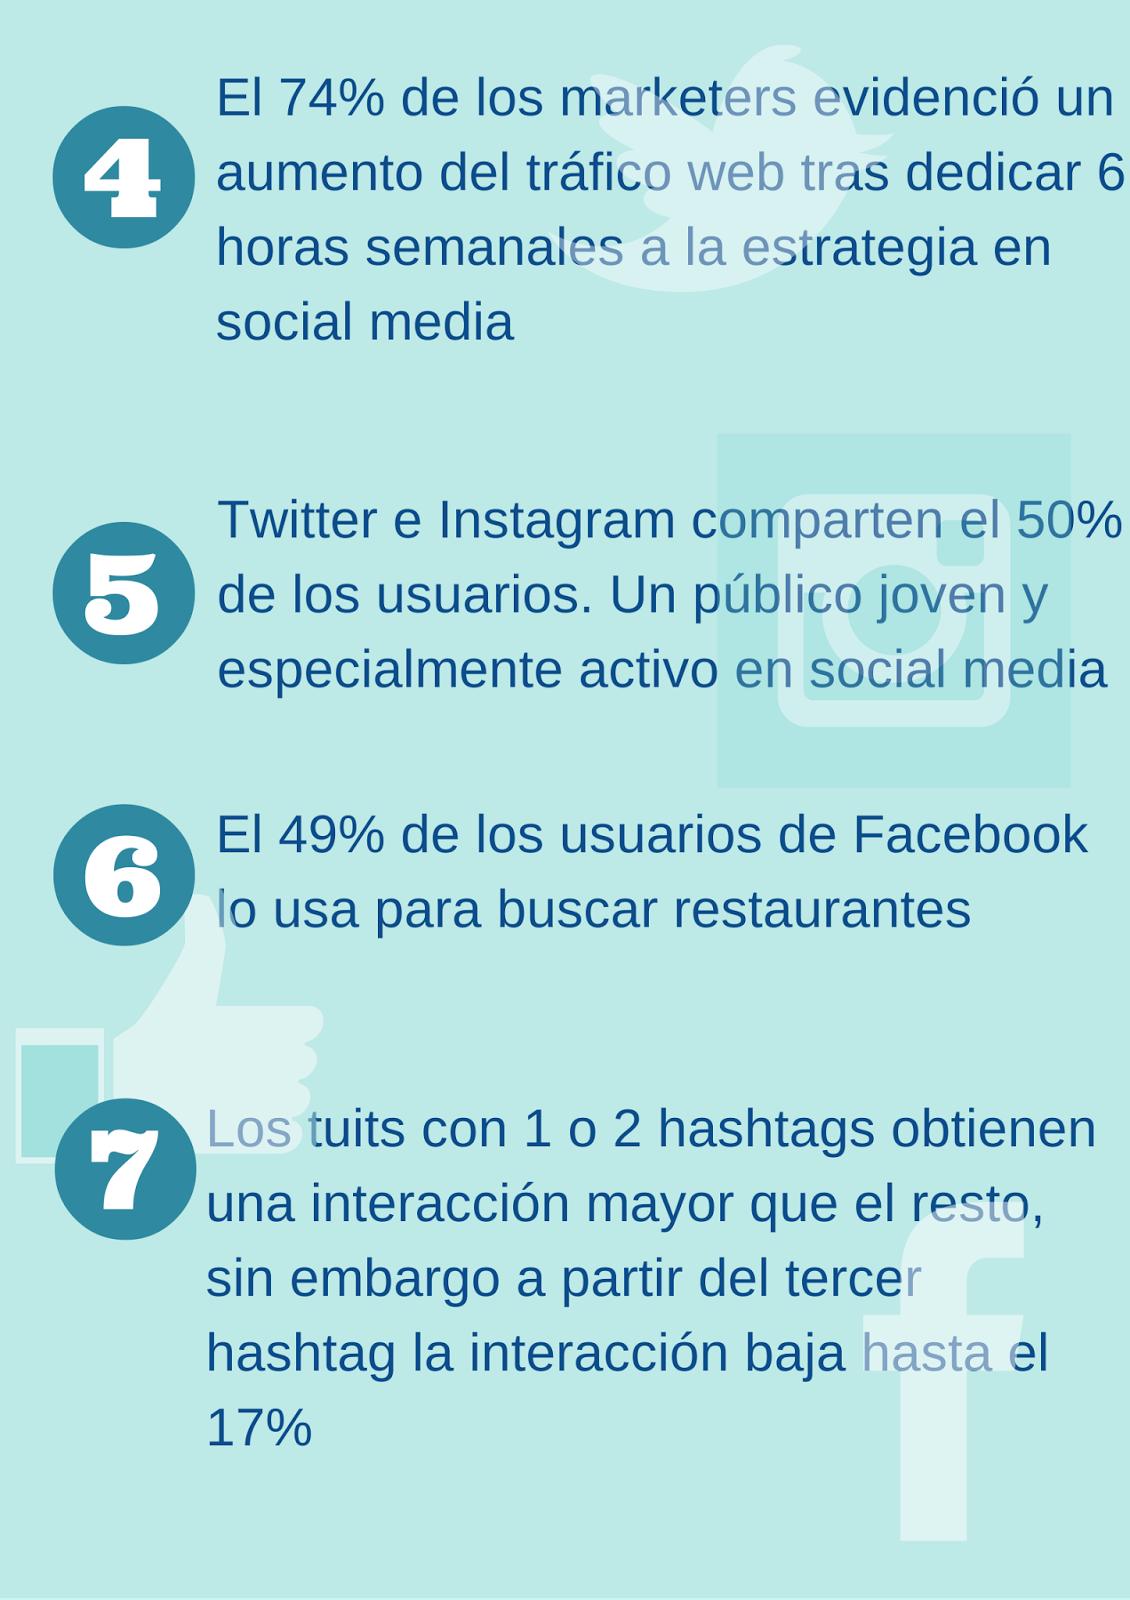 10 sorprendentes datos y cifras de la eficacia del Social Media